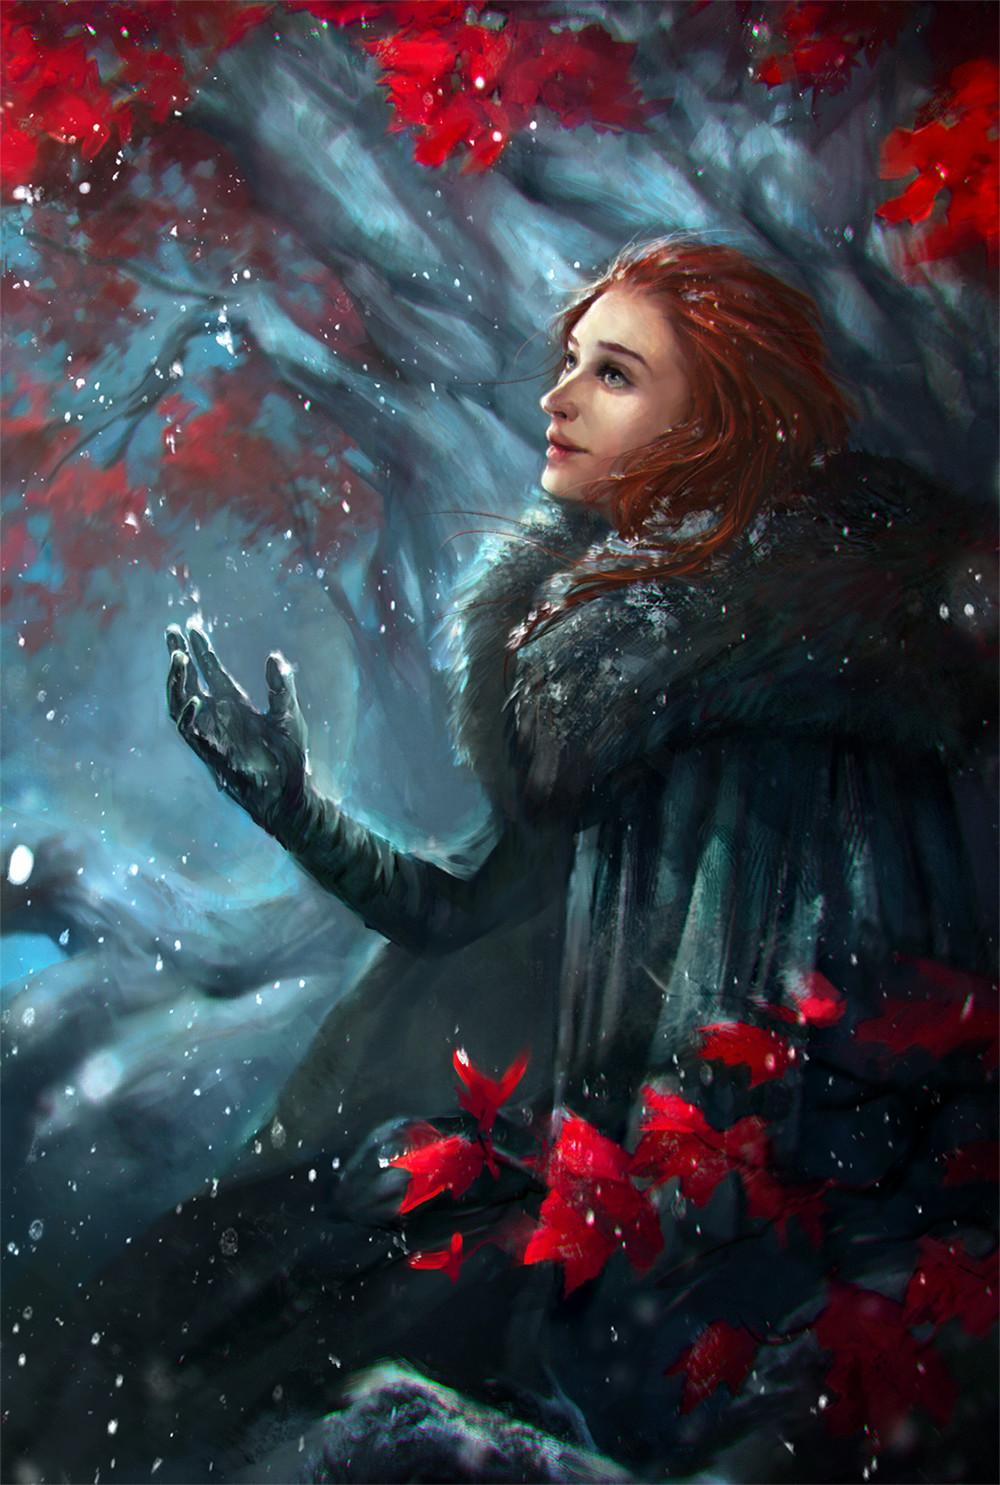 Game of thrones fanart by ValeryNeith